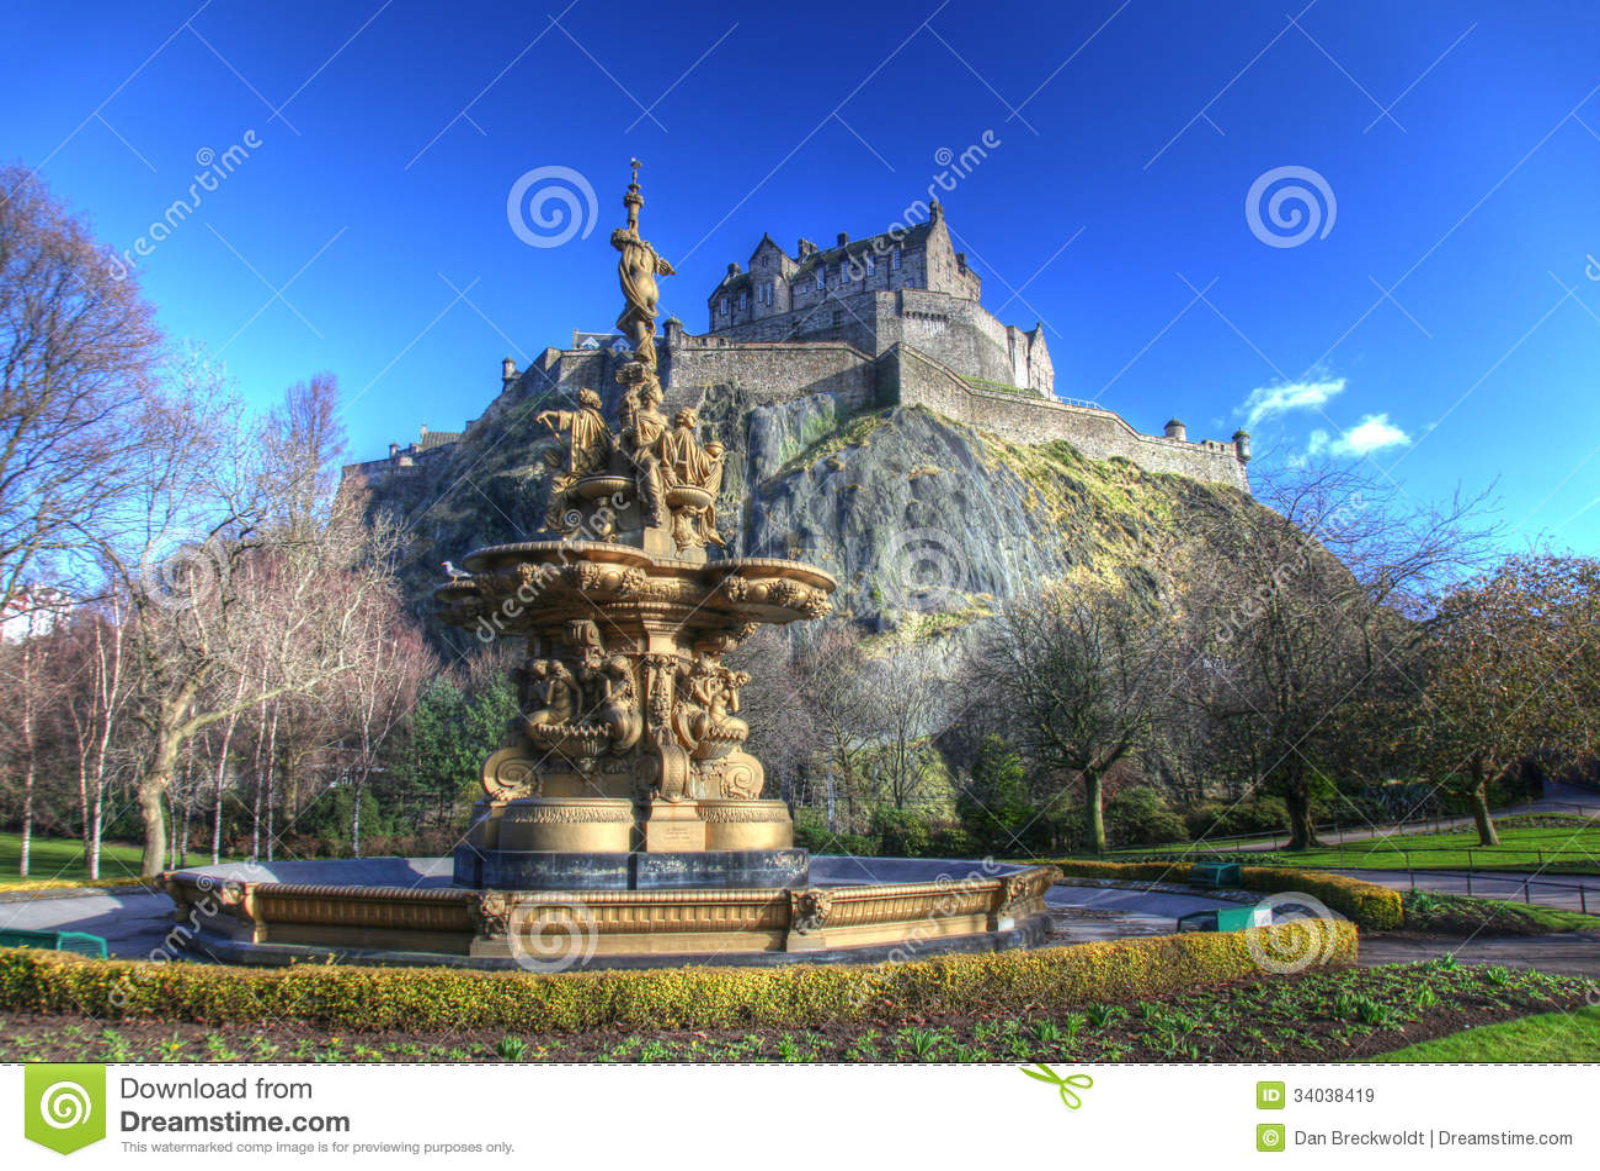 Castello di Edimburgo in Scozia